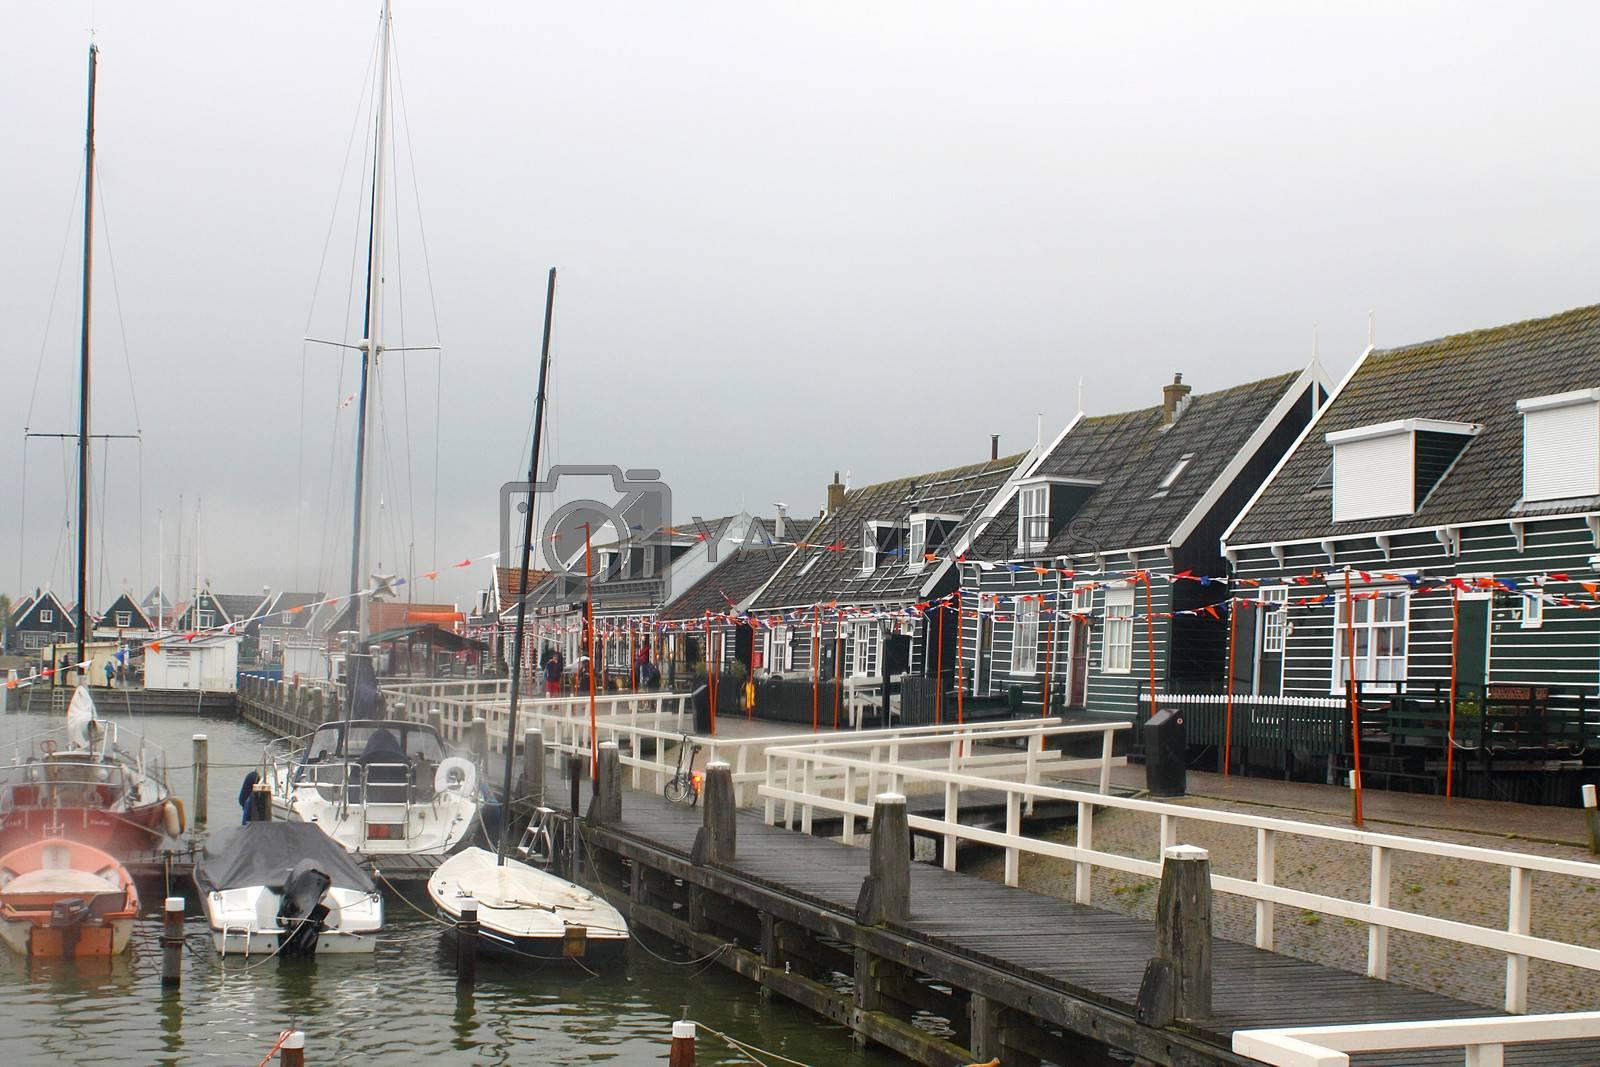 Marken,North Holland, Netherlands